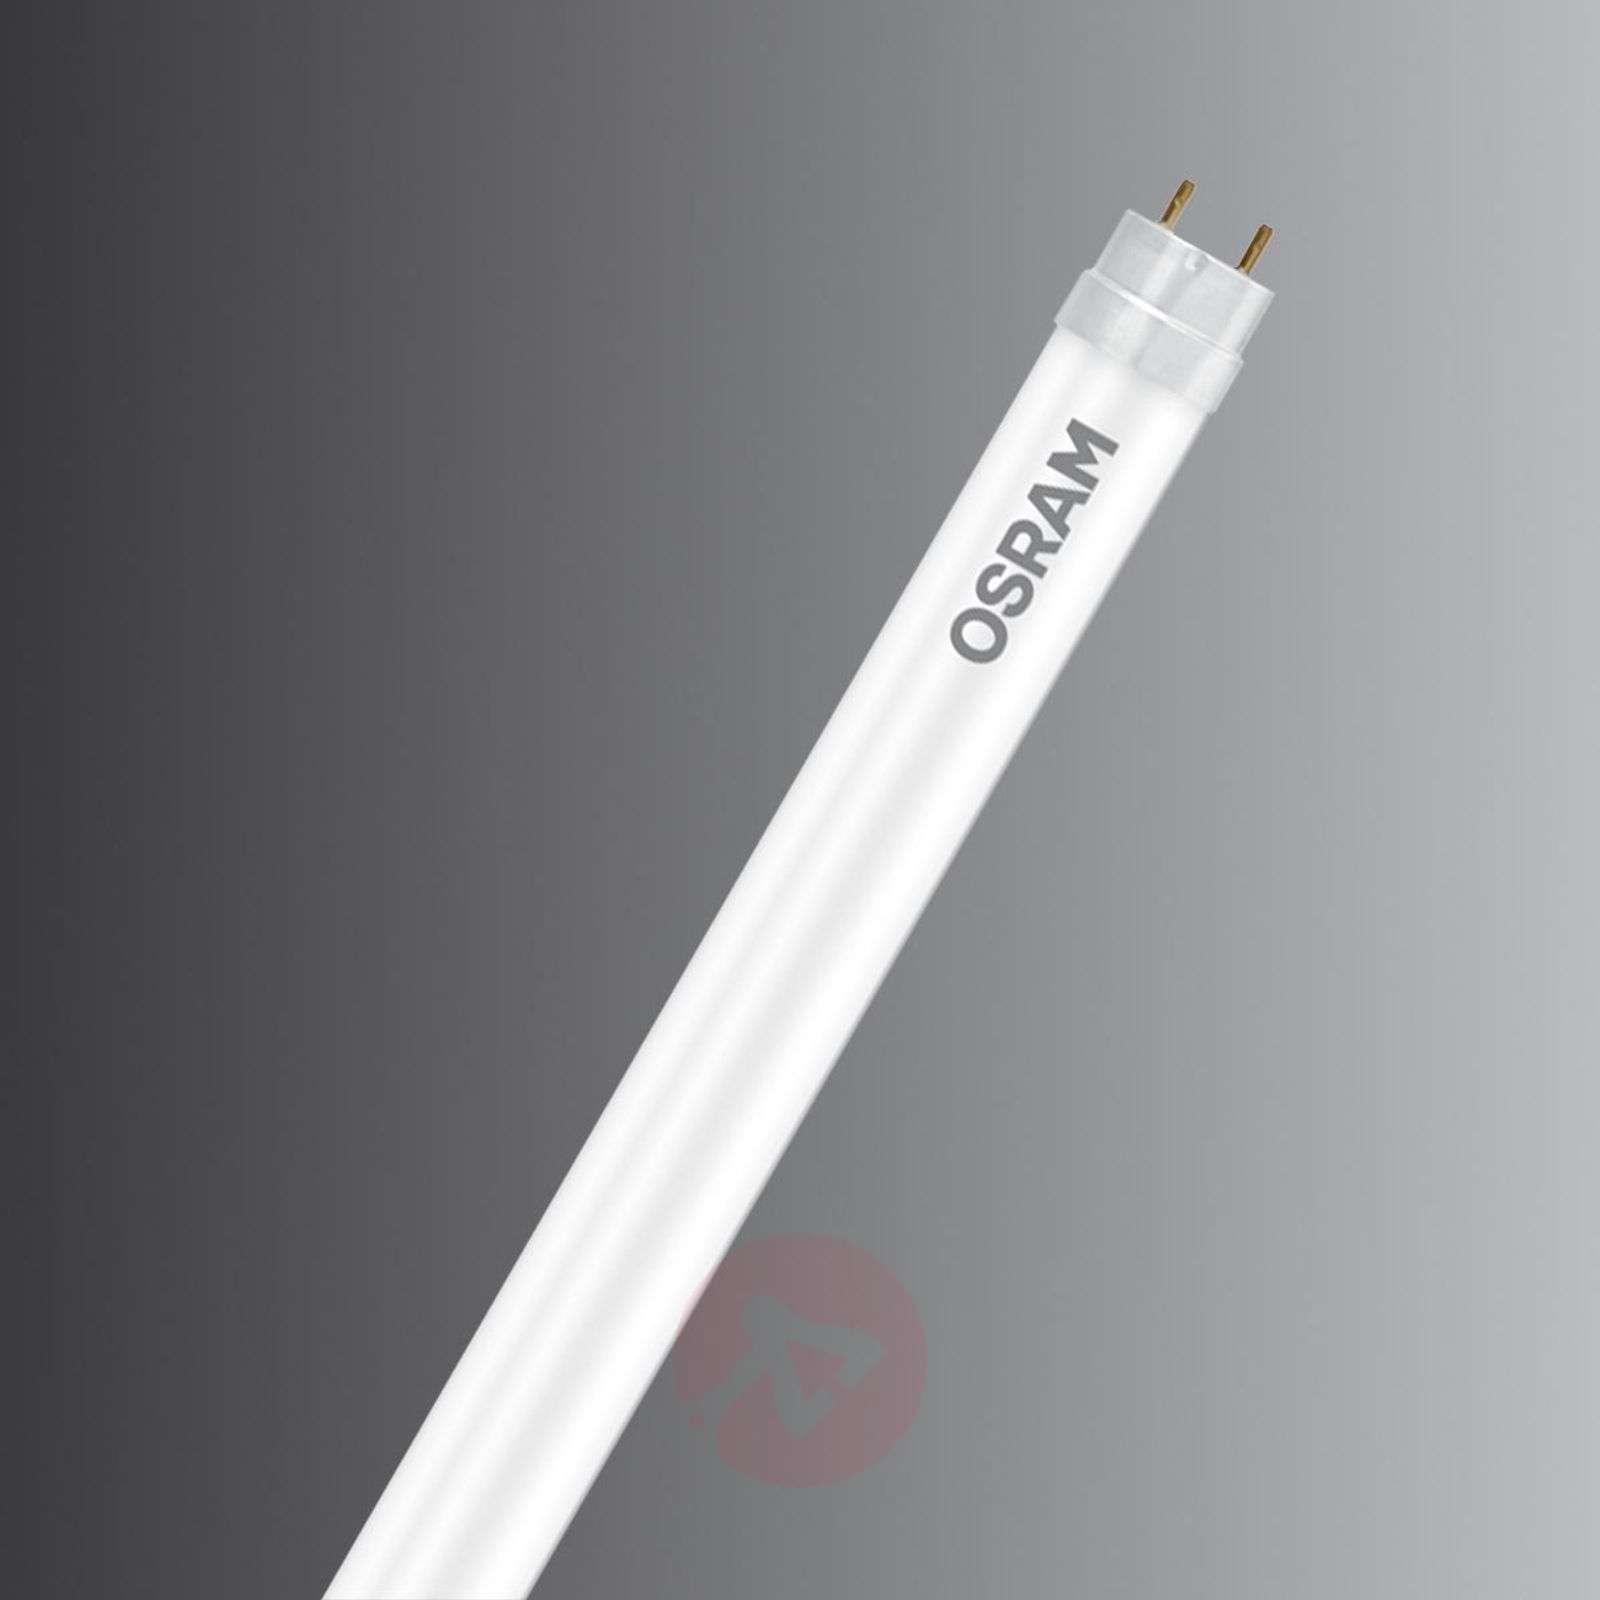 LED-SubstiTube G13 T8 19,1W, 4000K 2000lm-7262134-01